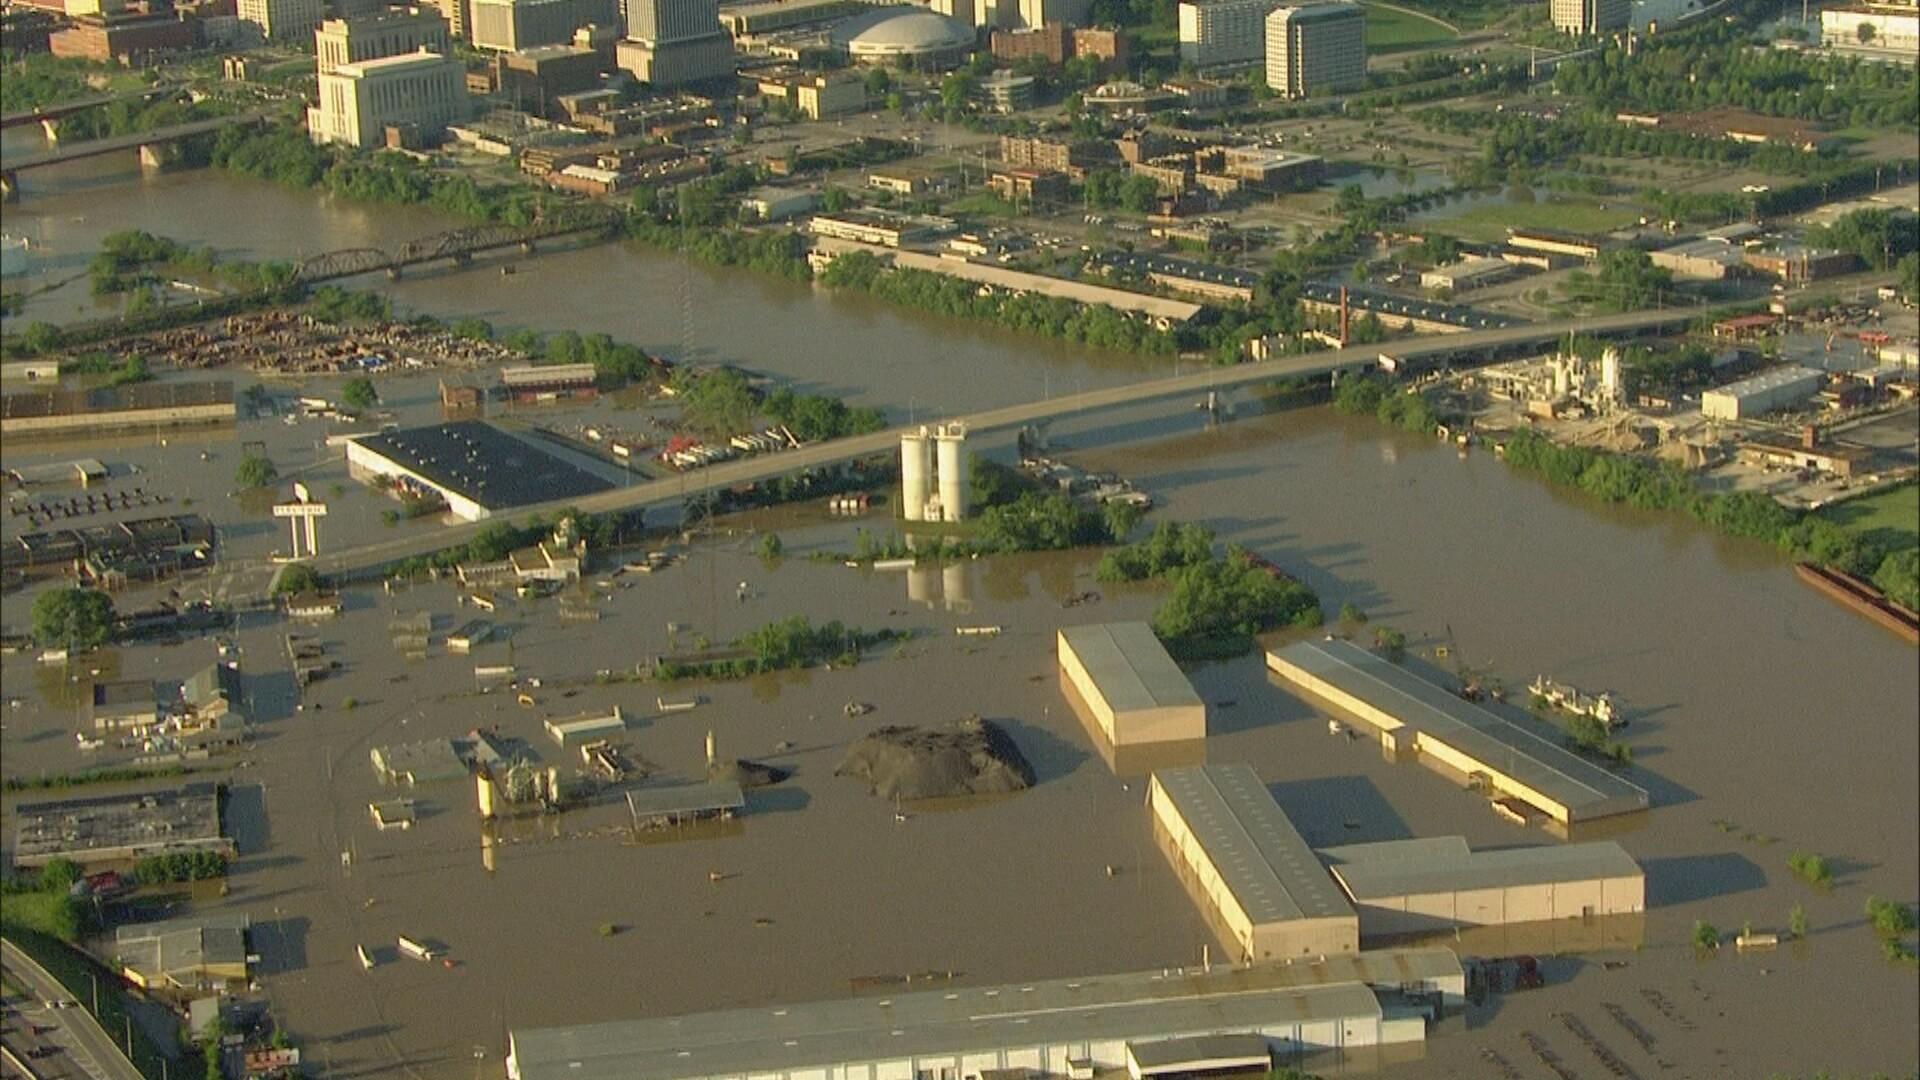 downtownflood.jpg